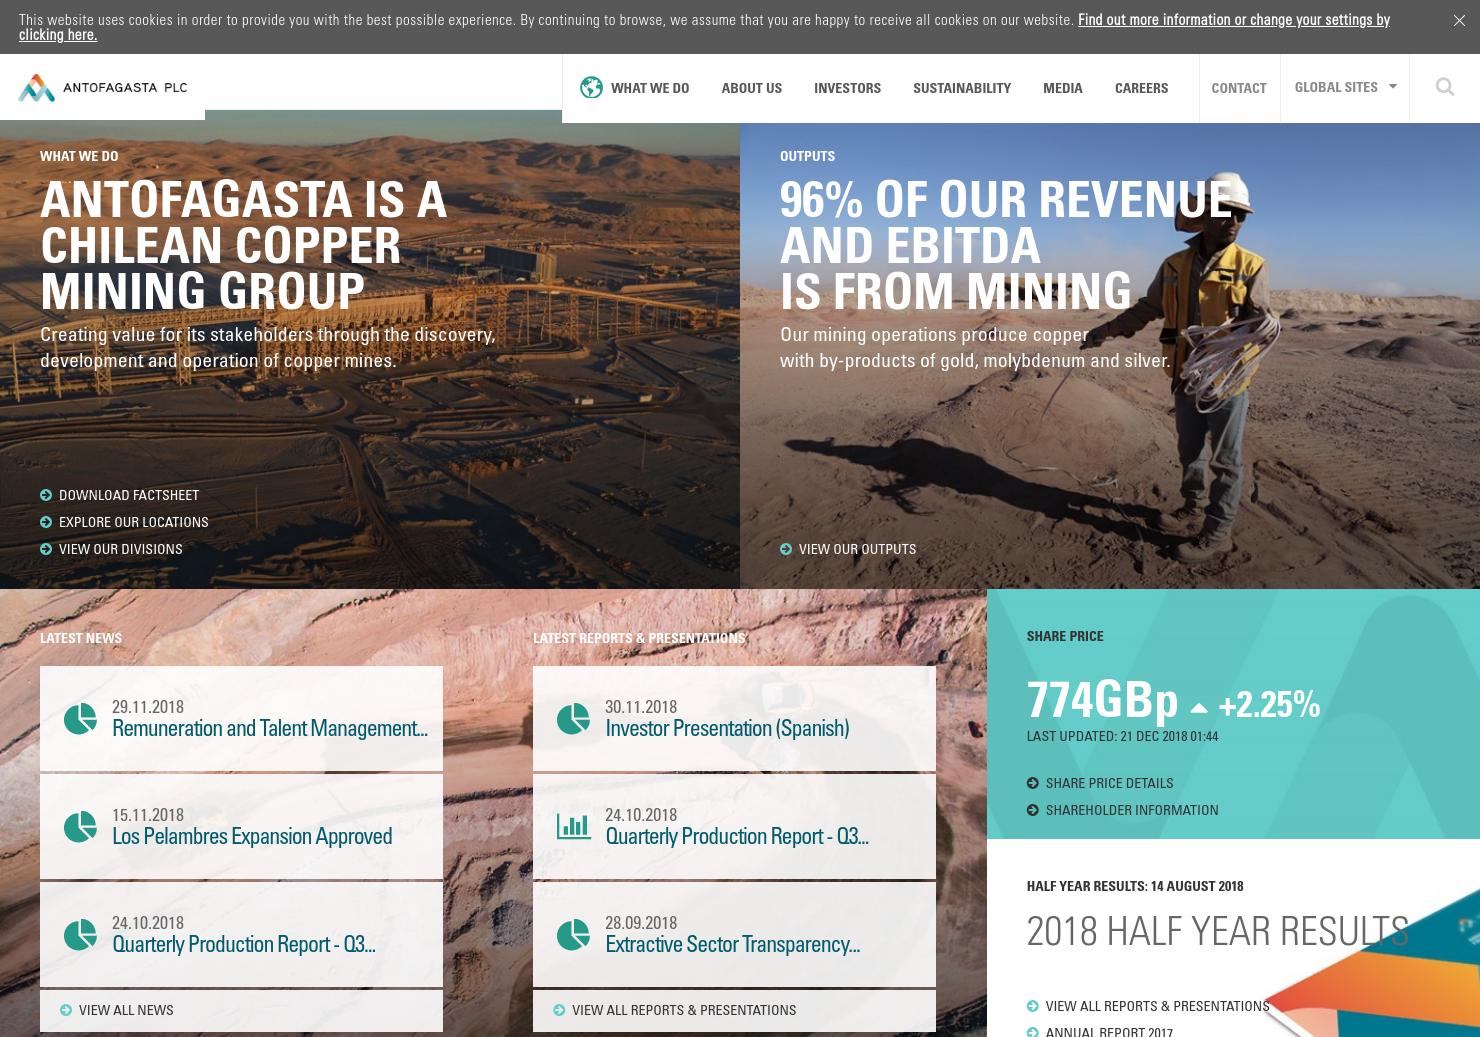 Antofagasta Home Page